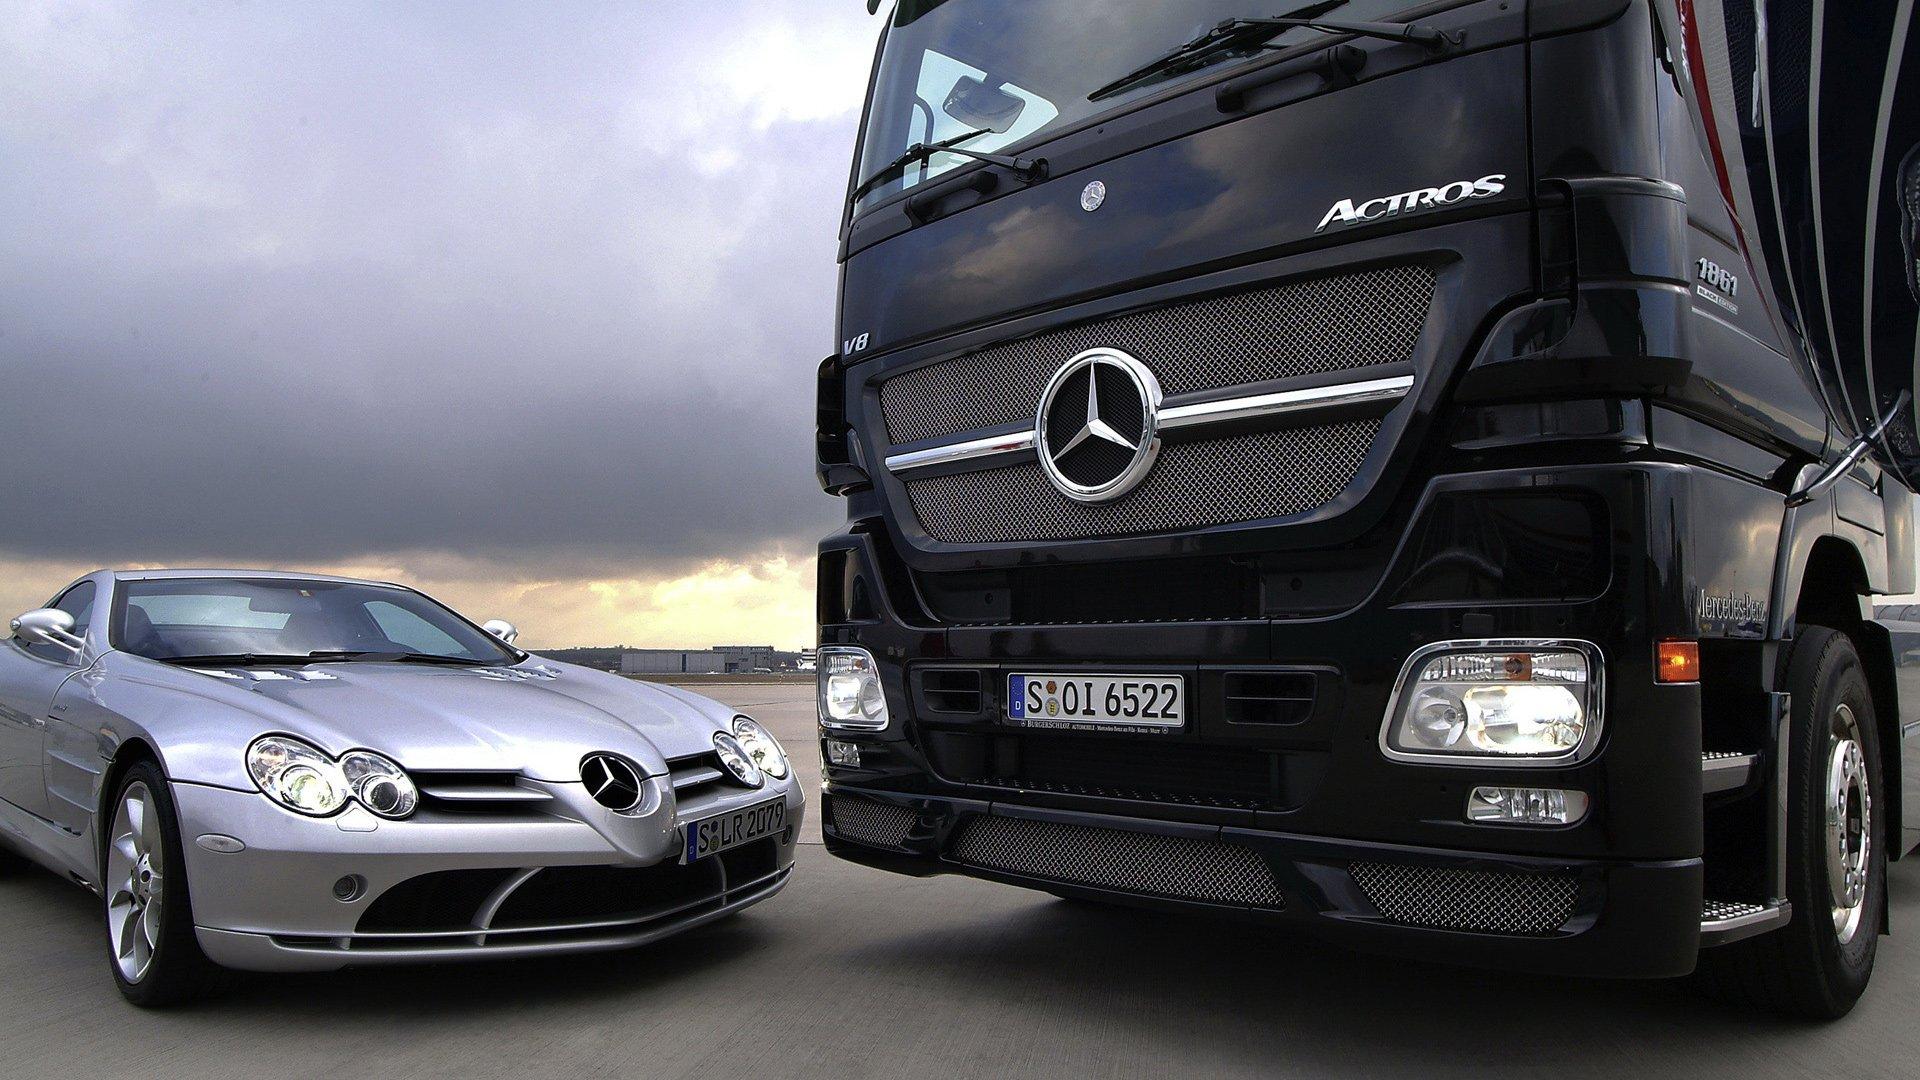 Importer une voiture en allemagne avec motorimport6 - Acheter une voiture en allemagne formalités